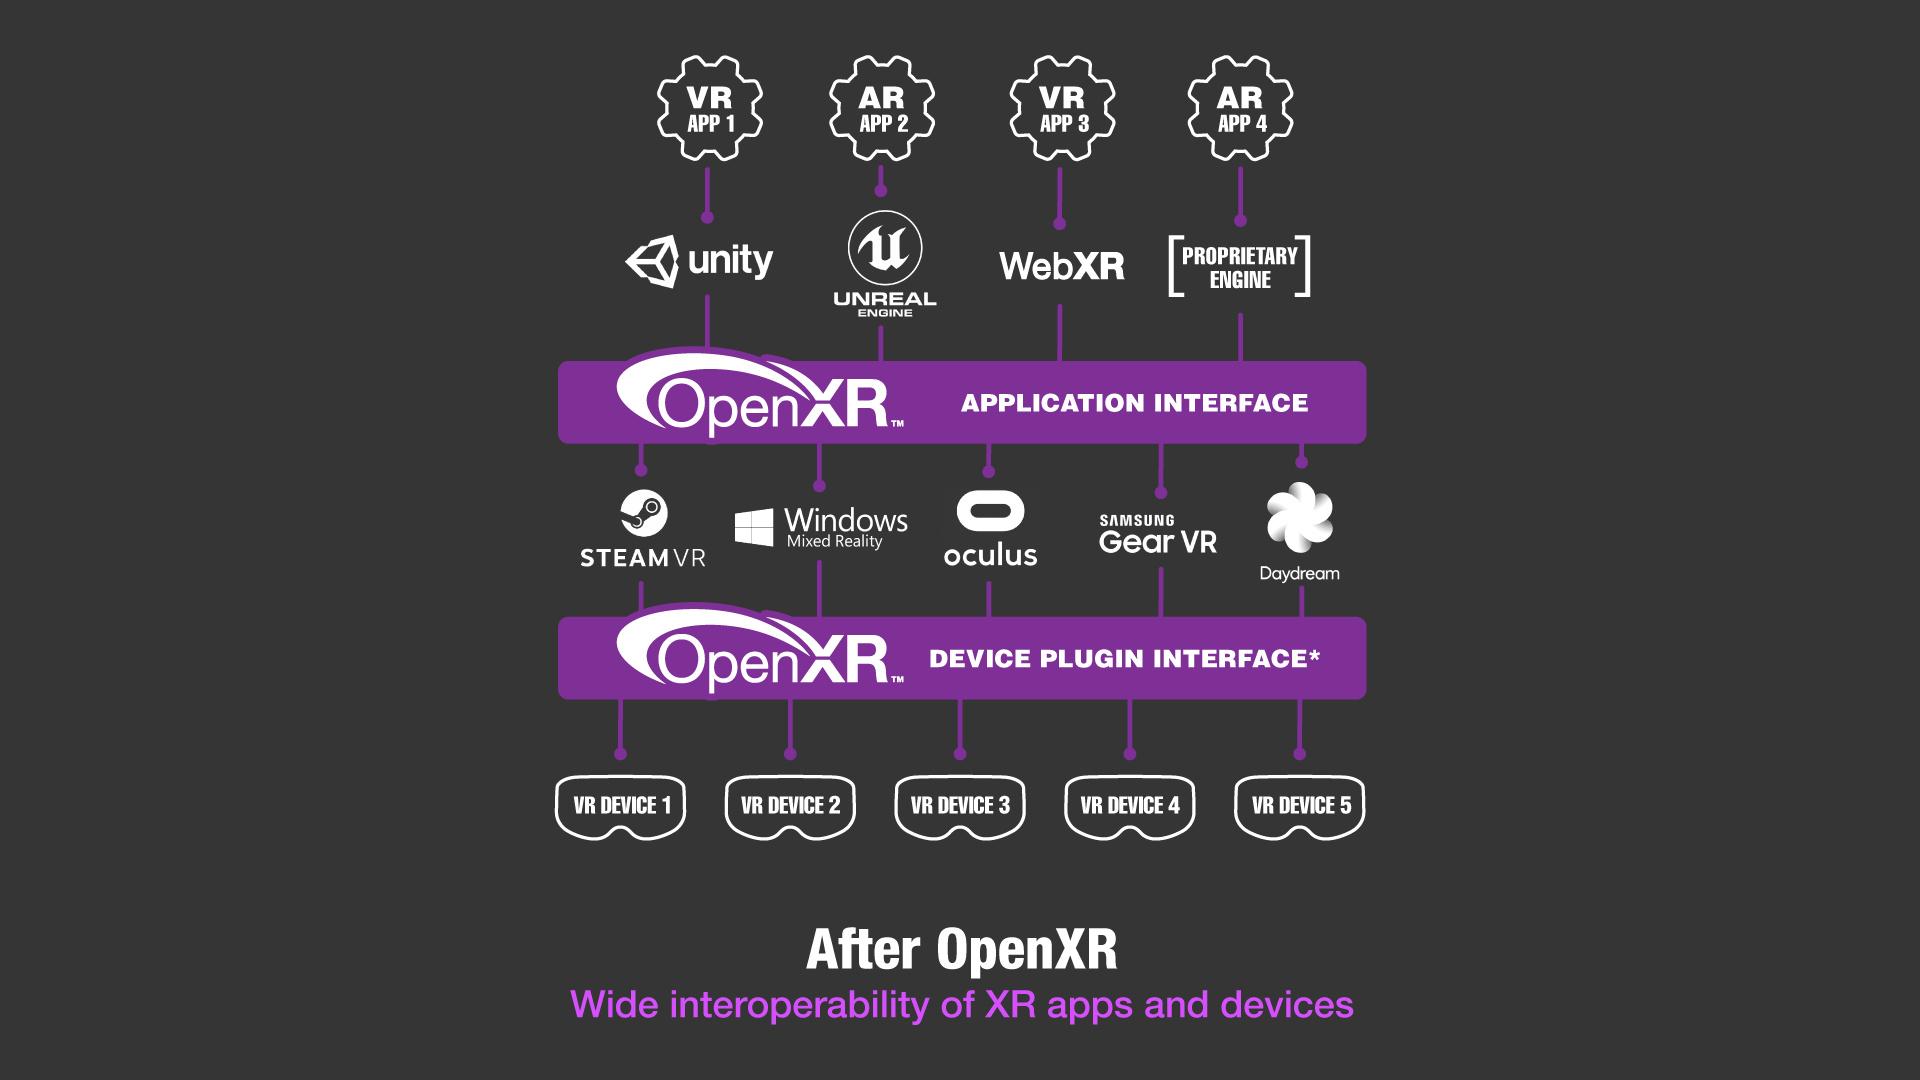 Die XR Landschaft mit OpenXR